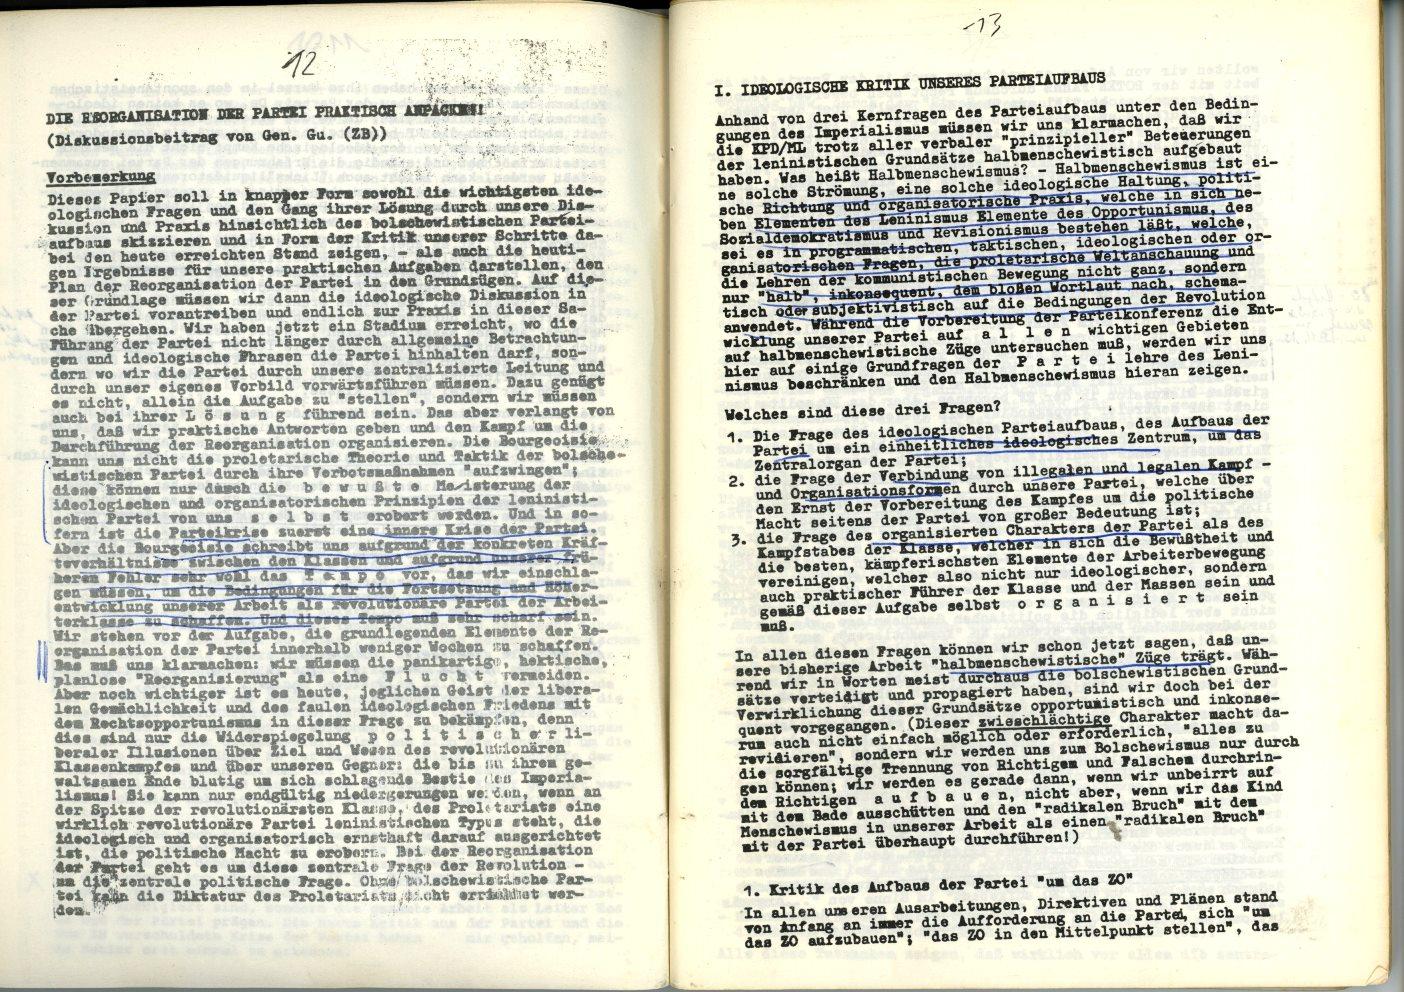 ZB_1972_Diskussionsorgan_zur_ersten_Parteikonferenz_08